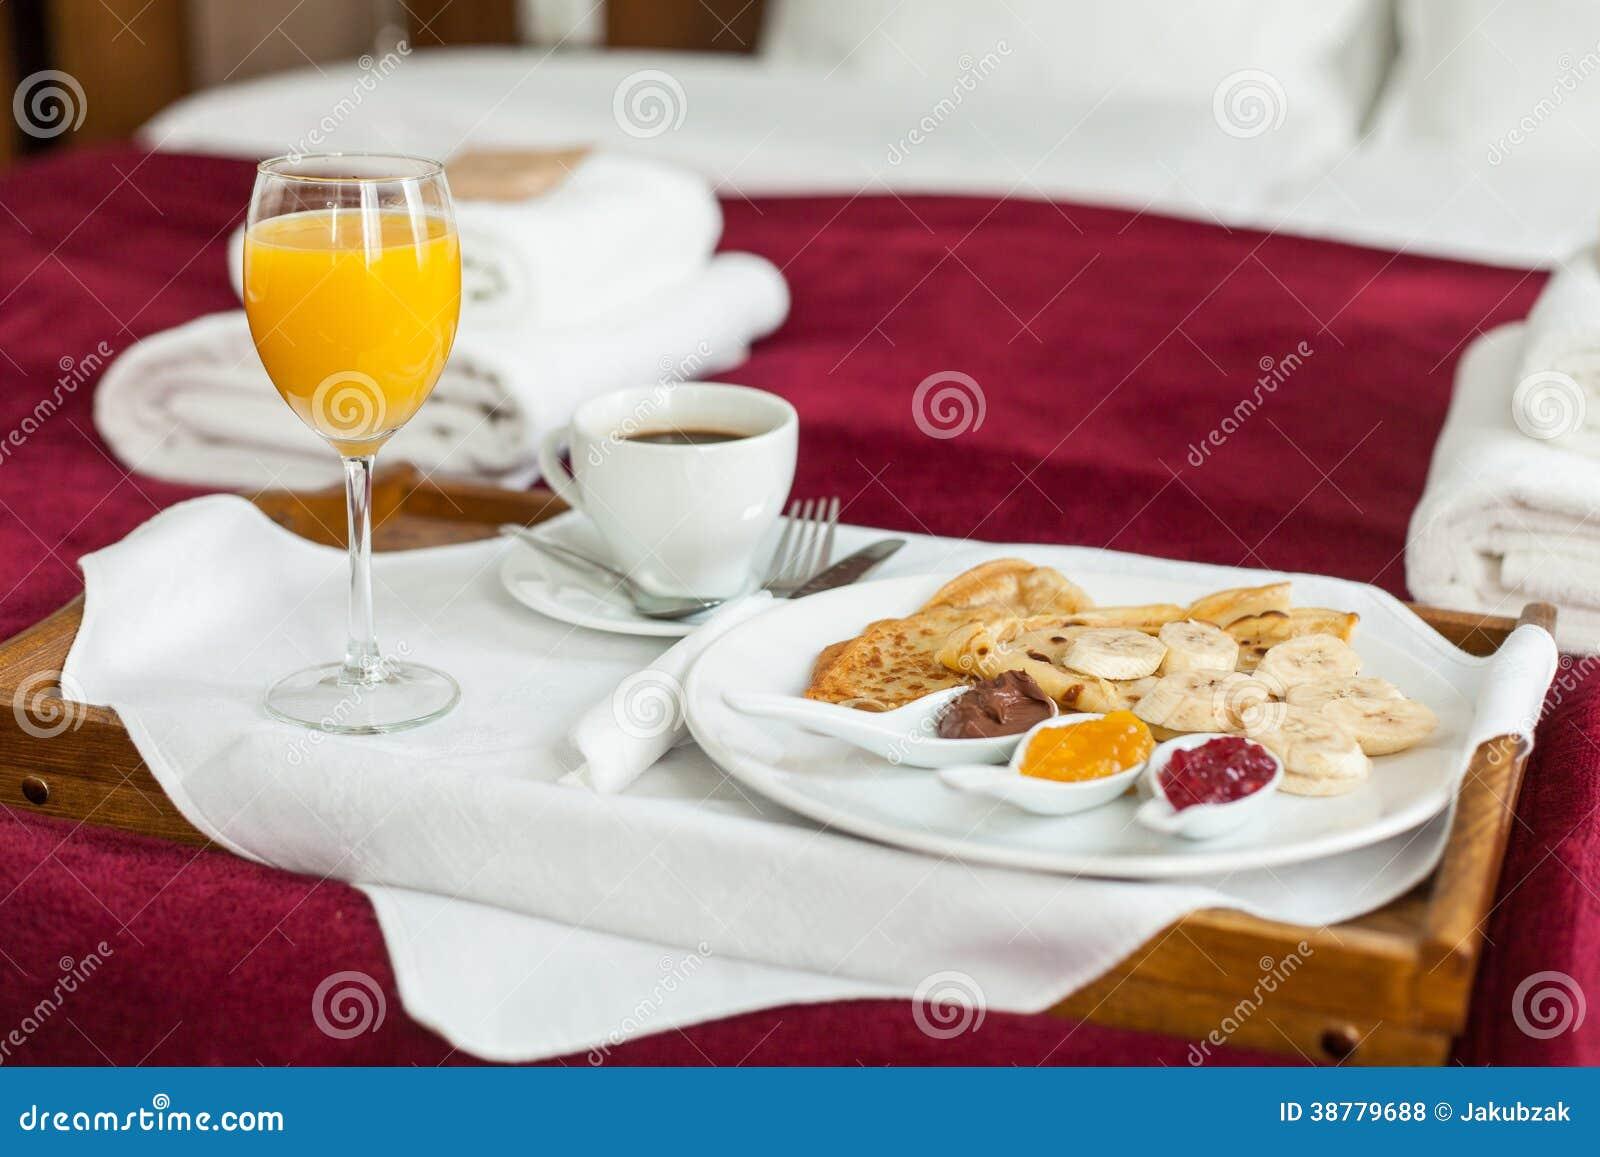 Foto de la bandeja con la comida de desayuno en la cama - Bandeja desayuno cama ...